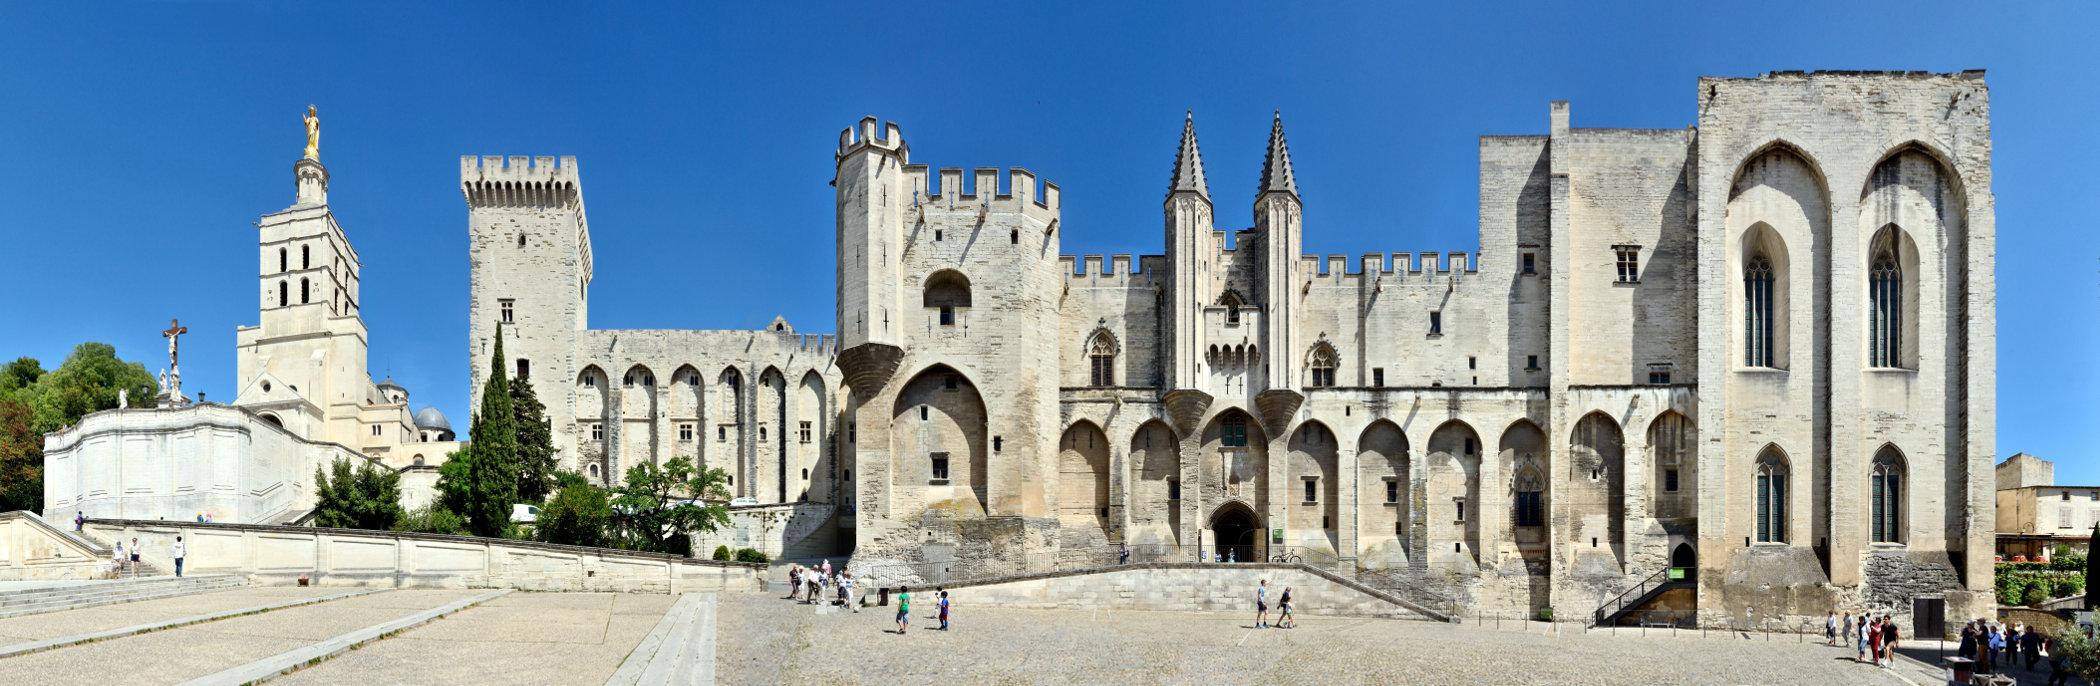 Palais des Papes • Avignon • France